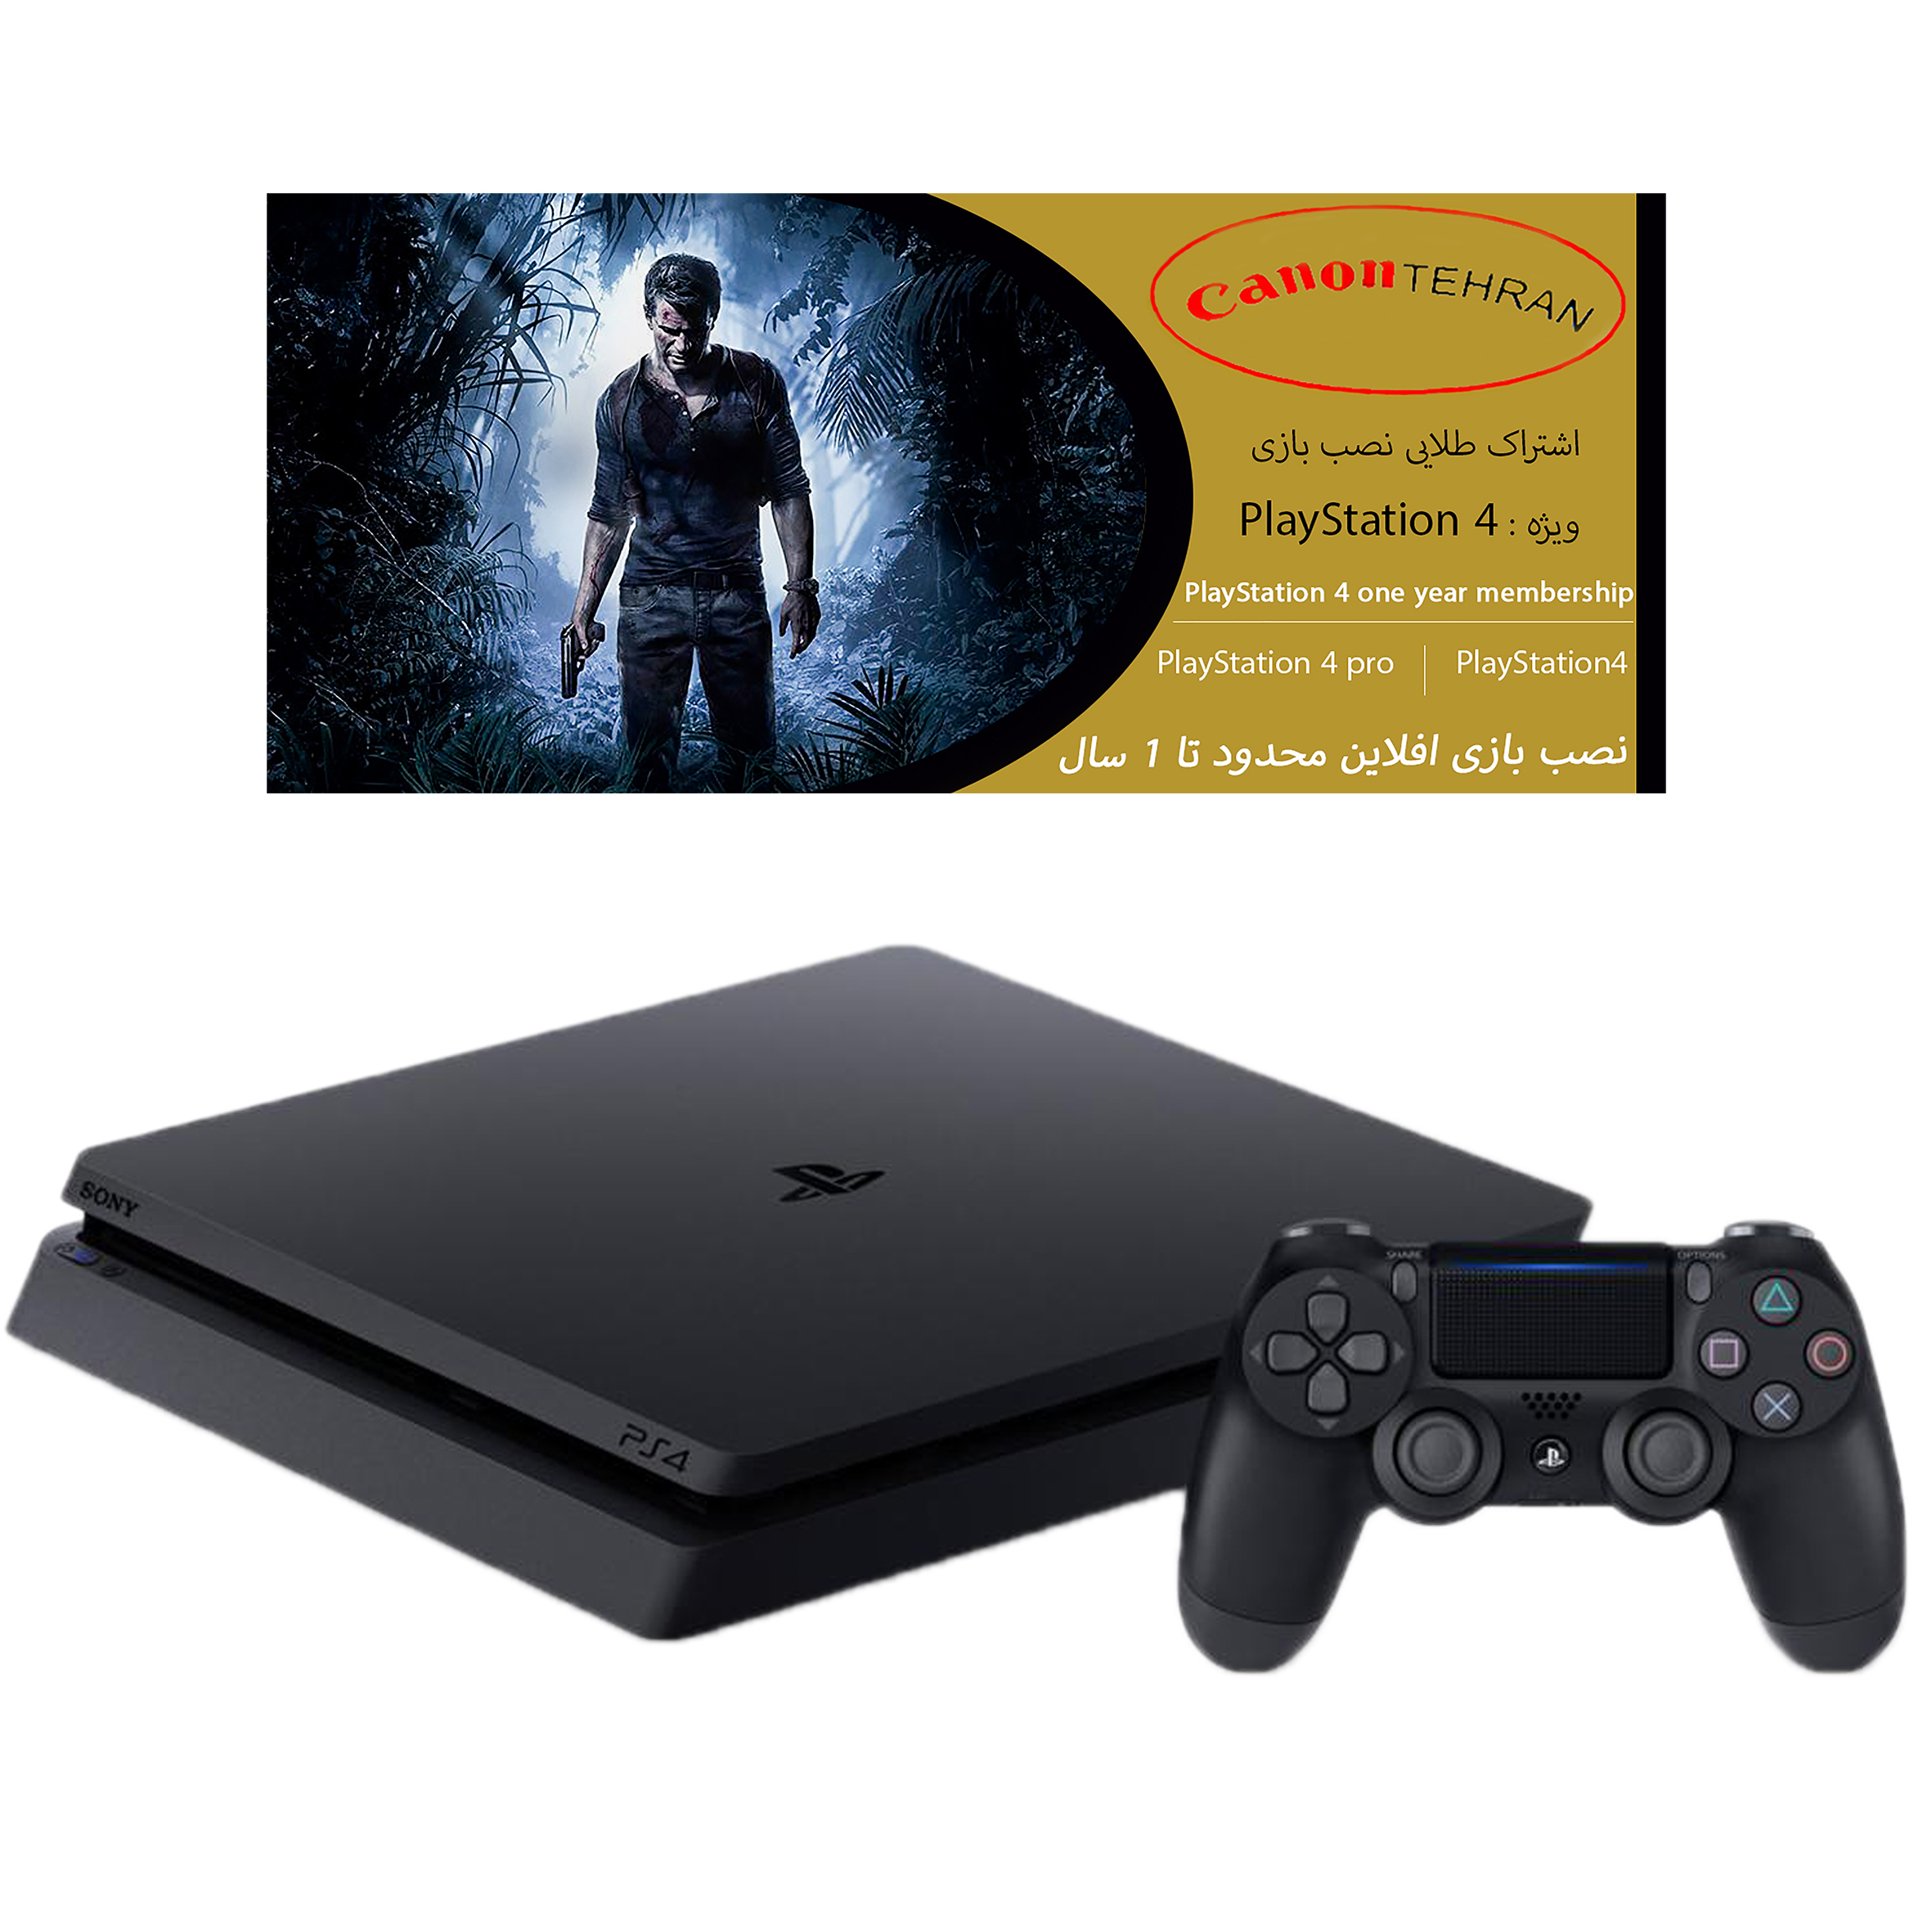 کنسول بازی سونی مدل Playstation 4 Slim ریجن 2 کد CUH-2216B ظرفیت 1 ترابایت به همراه 20 بازی